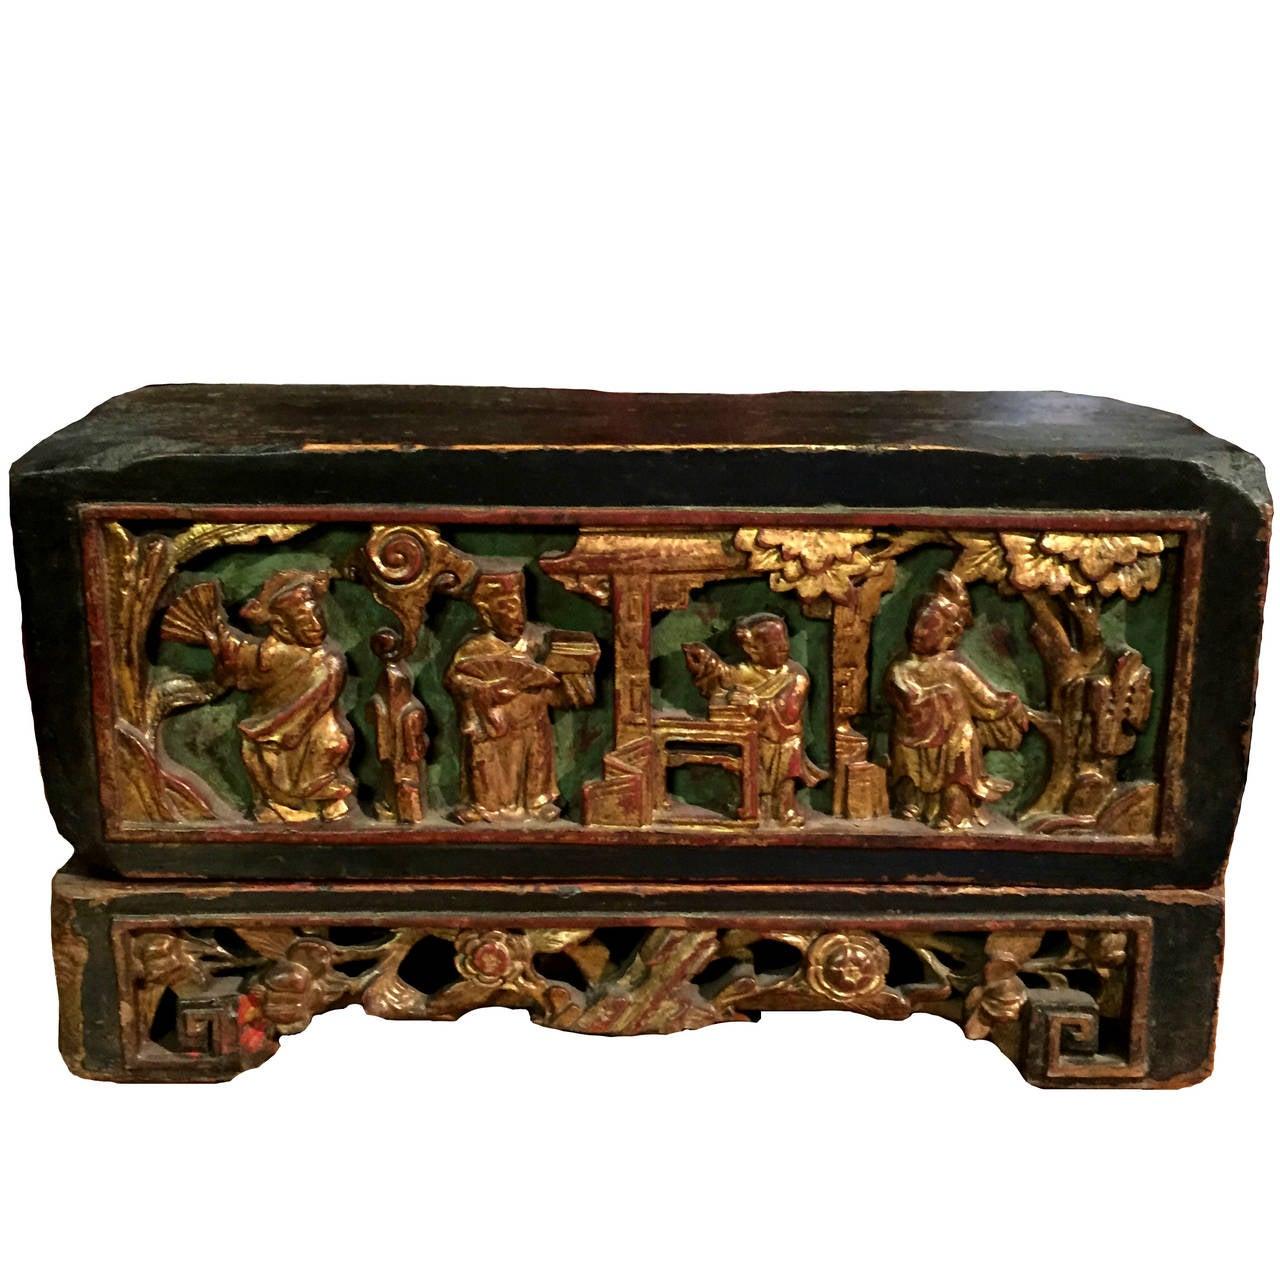 19th-Century Chinese Jewelry Box